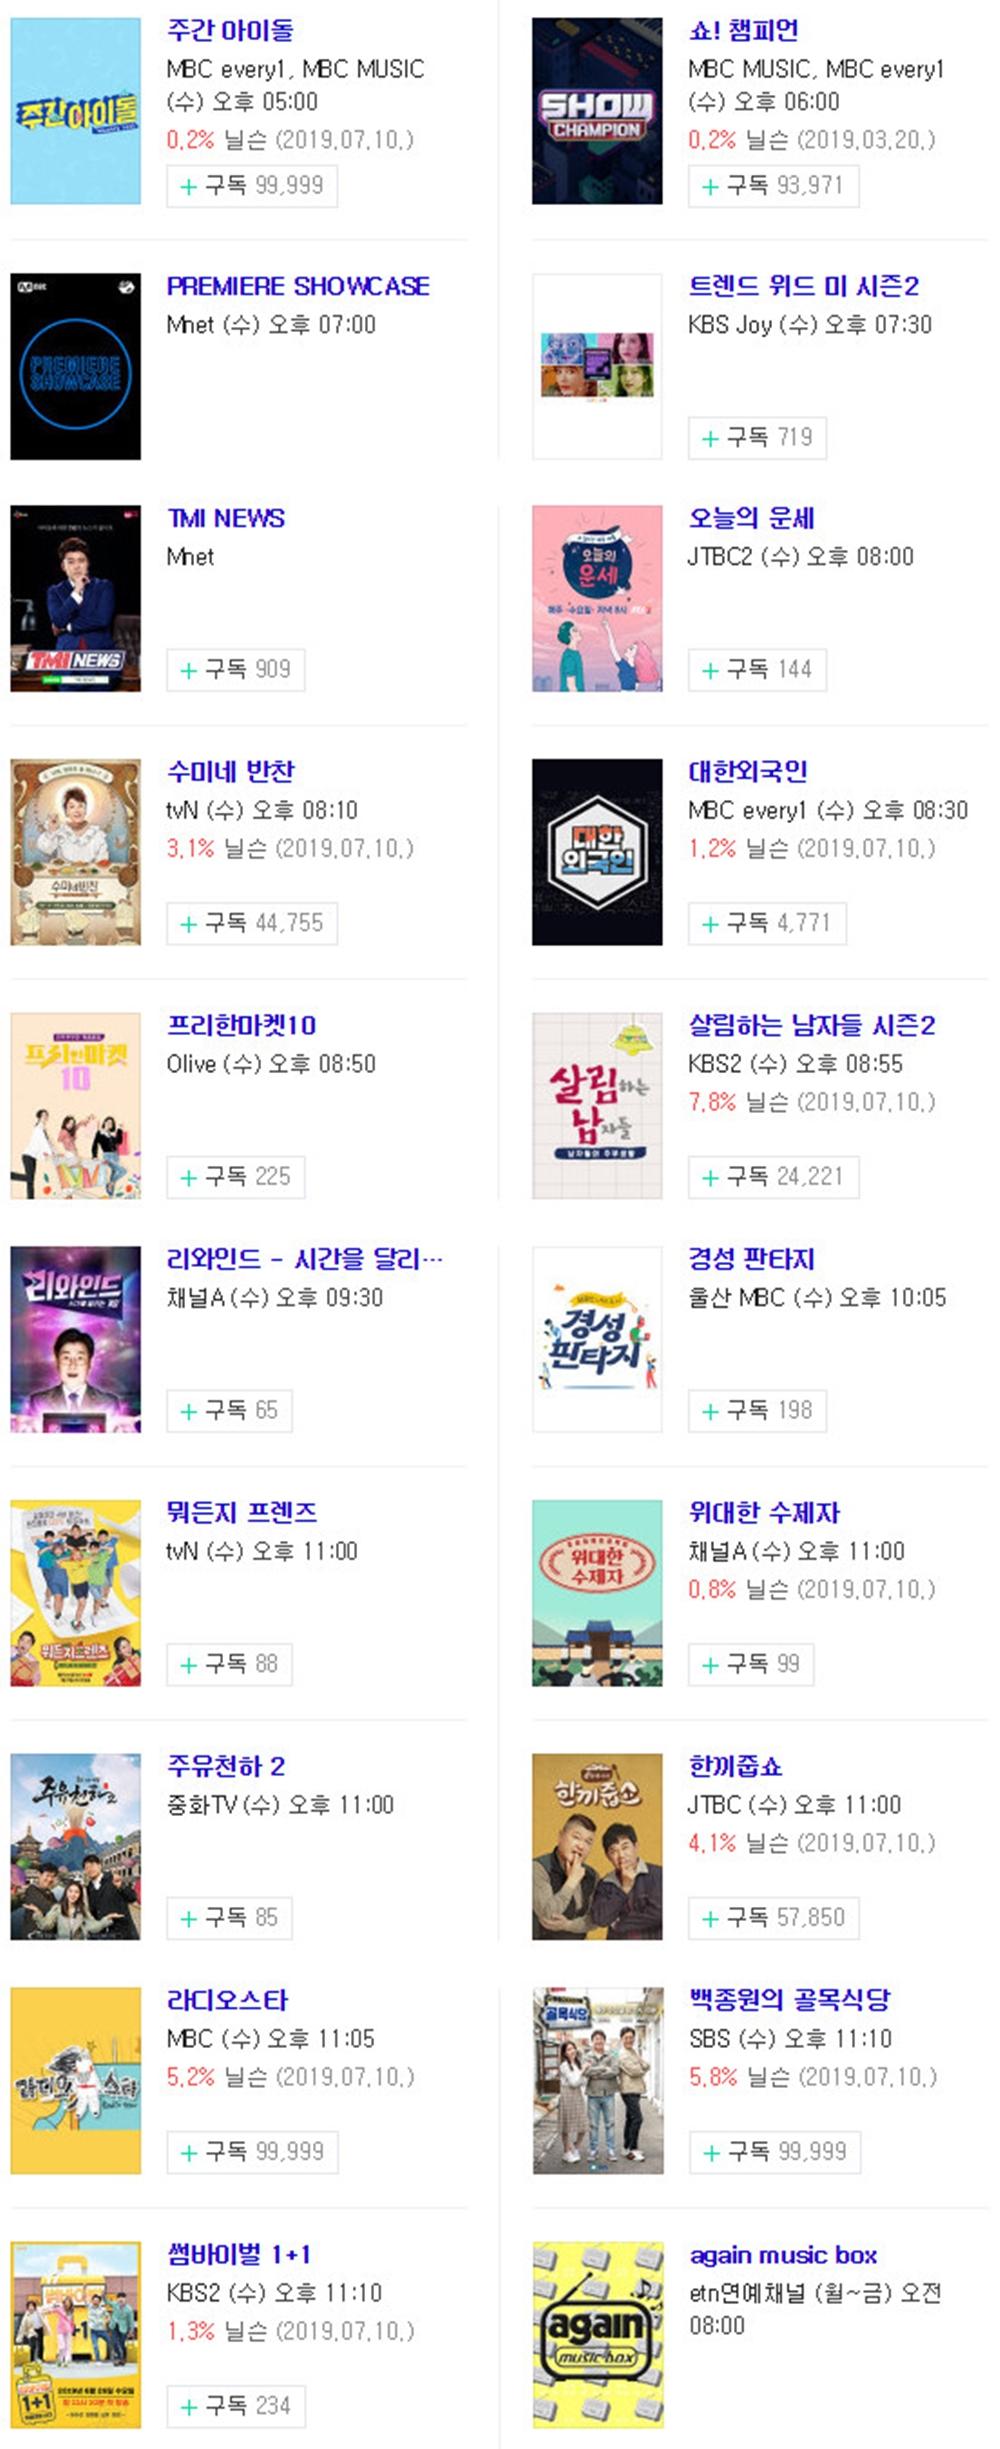 [수요일 예능] 17일 오후 주요 예능 프로그램 편성표-지난주 시청률은?